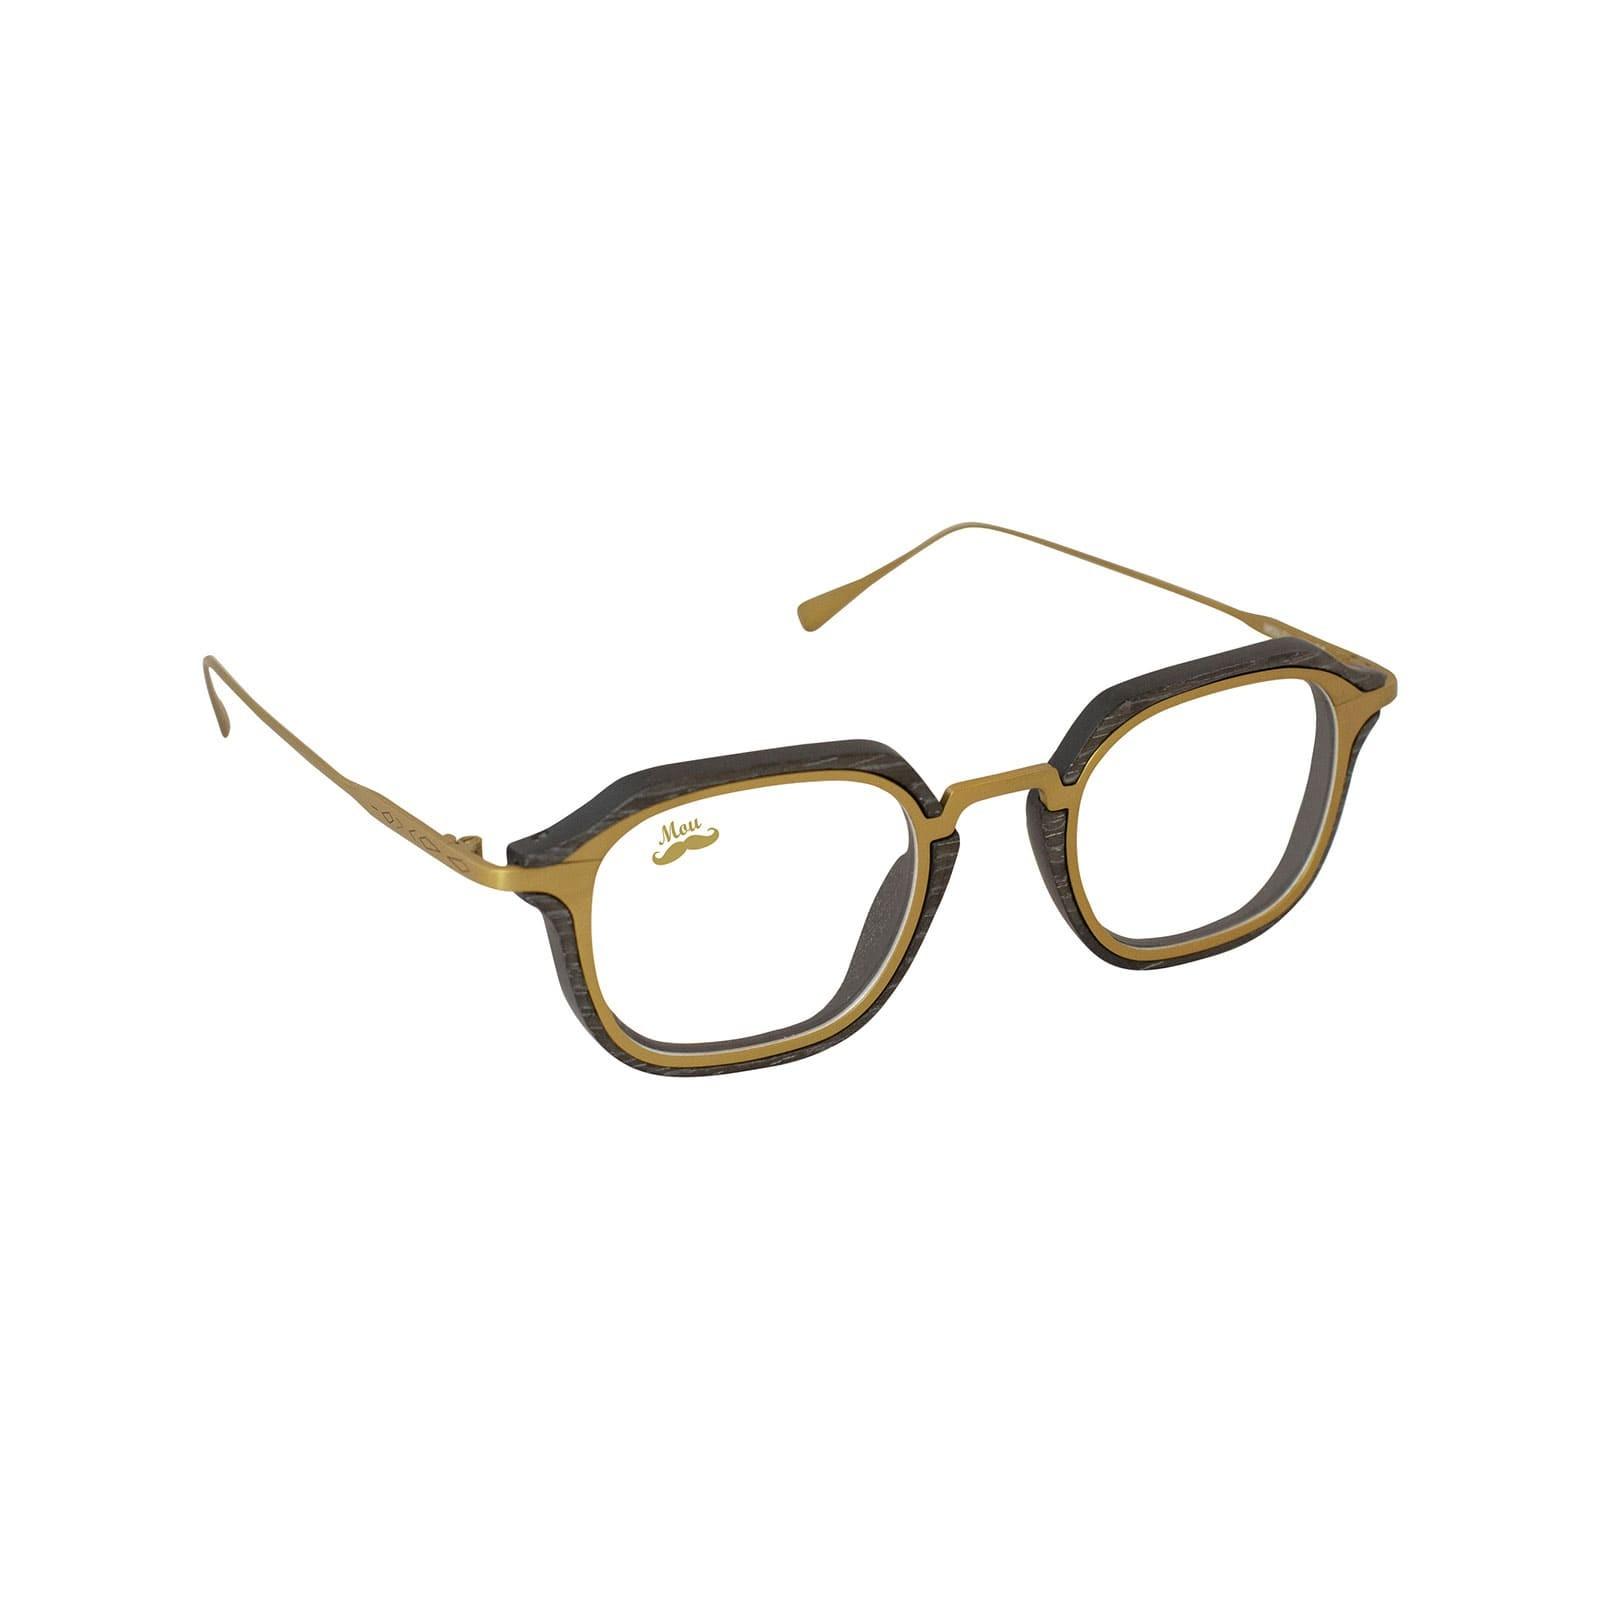 Lunettes en bois et titane doré - modèle optique Zerua EDEN COLLECTION